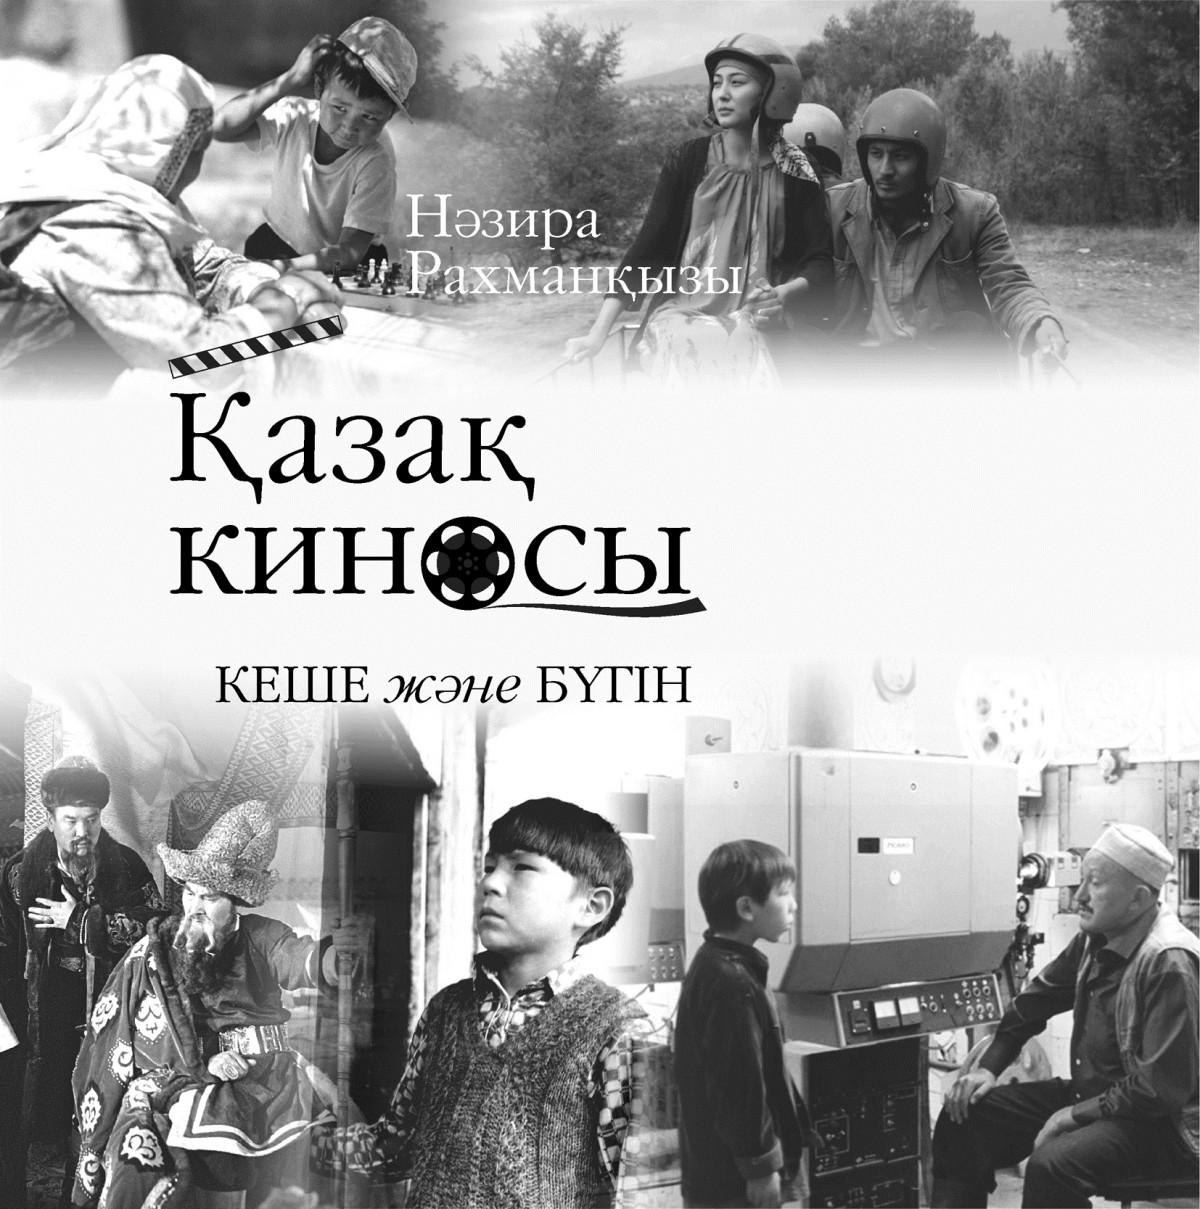 Қазақ киносының арғы атасы –  тарих, бергі атасы – әдебиет